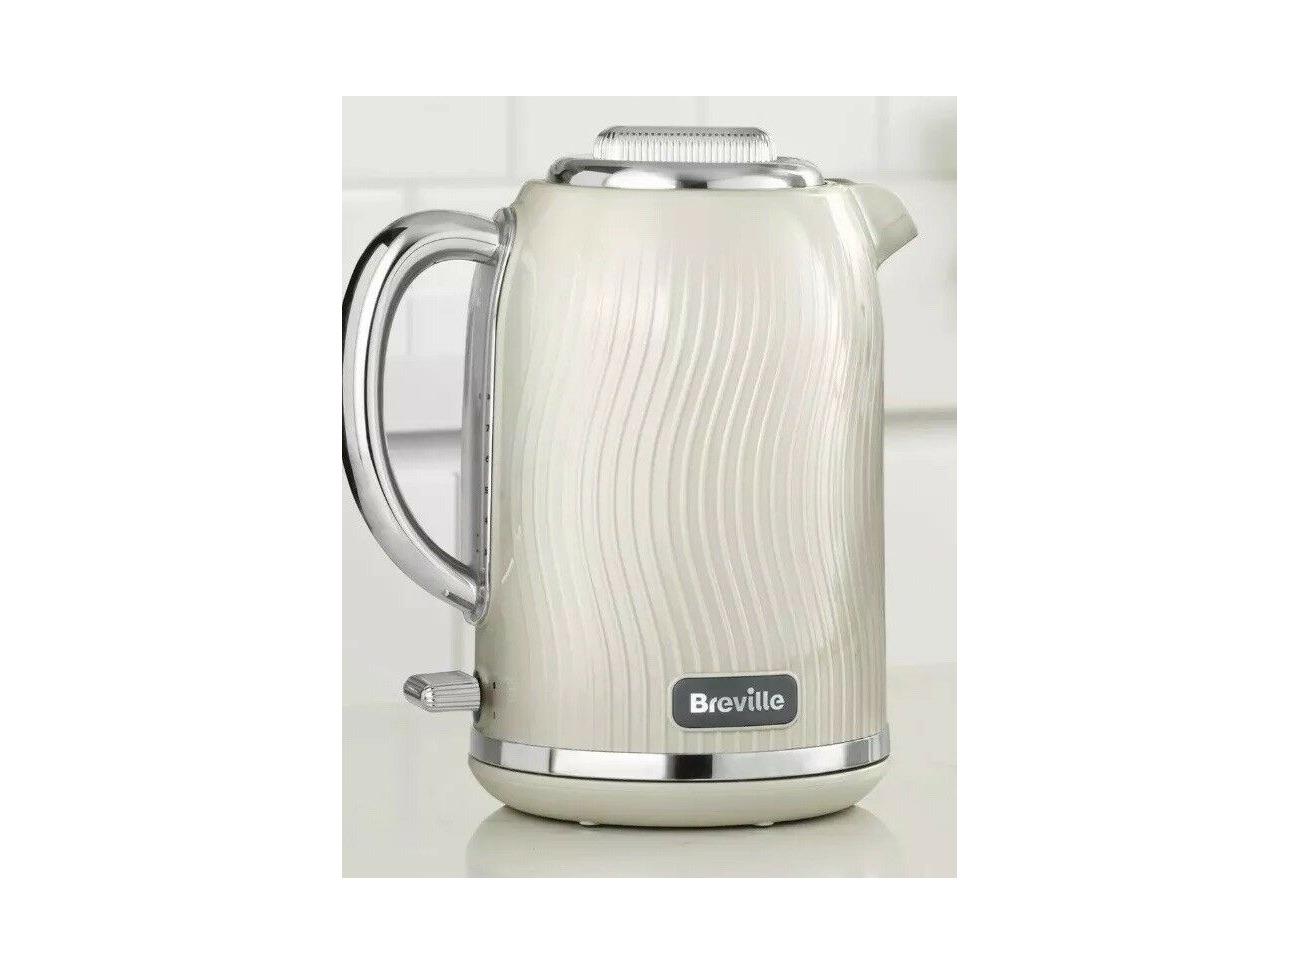 Breville Jug Kettle Rapid Boil